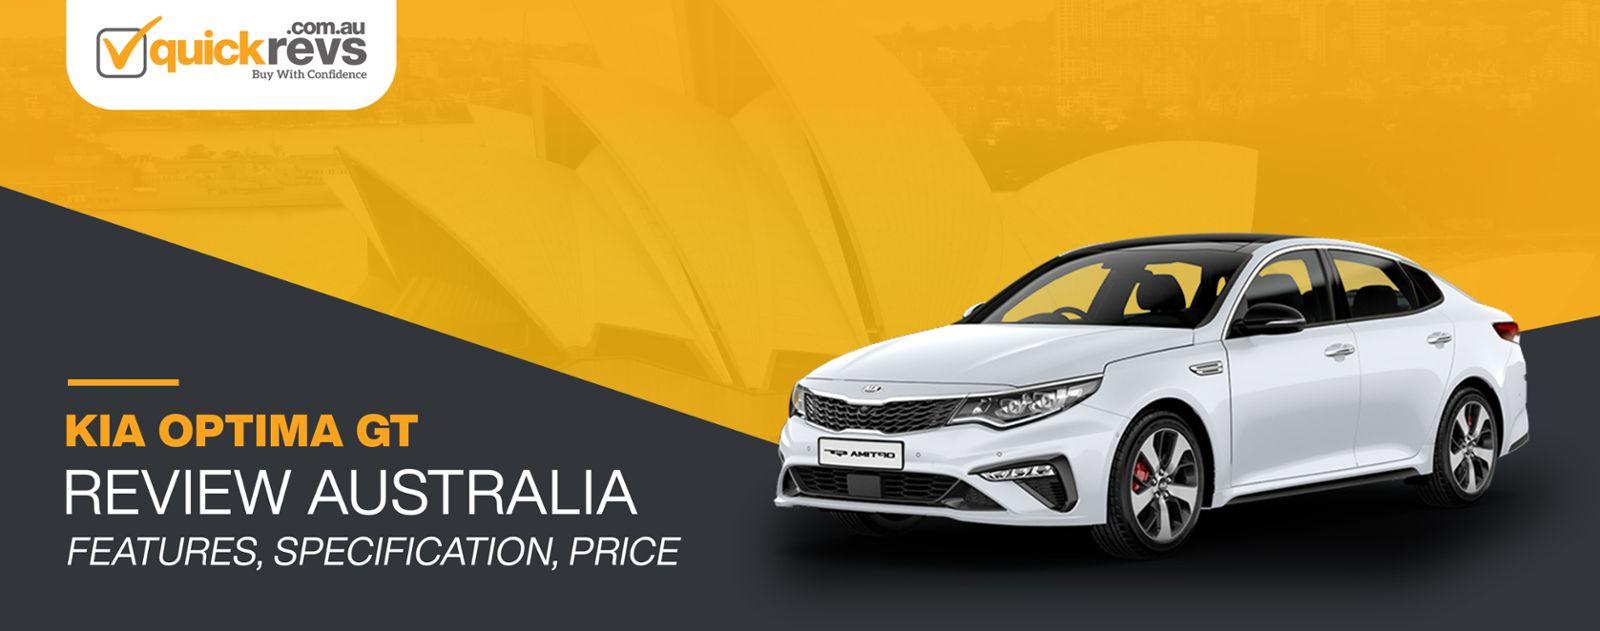 Kia Optima GT Review Australia